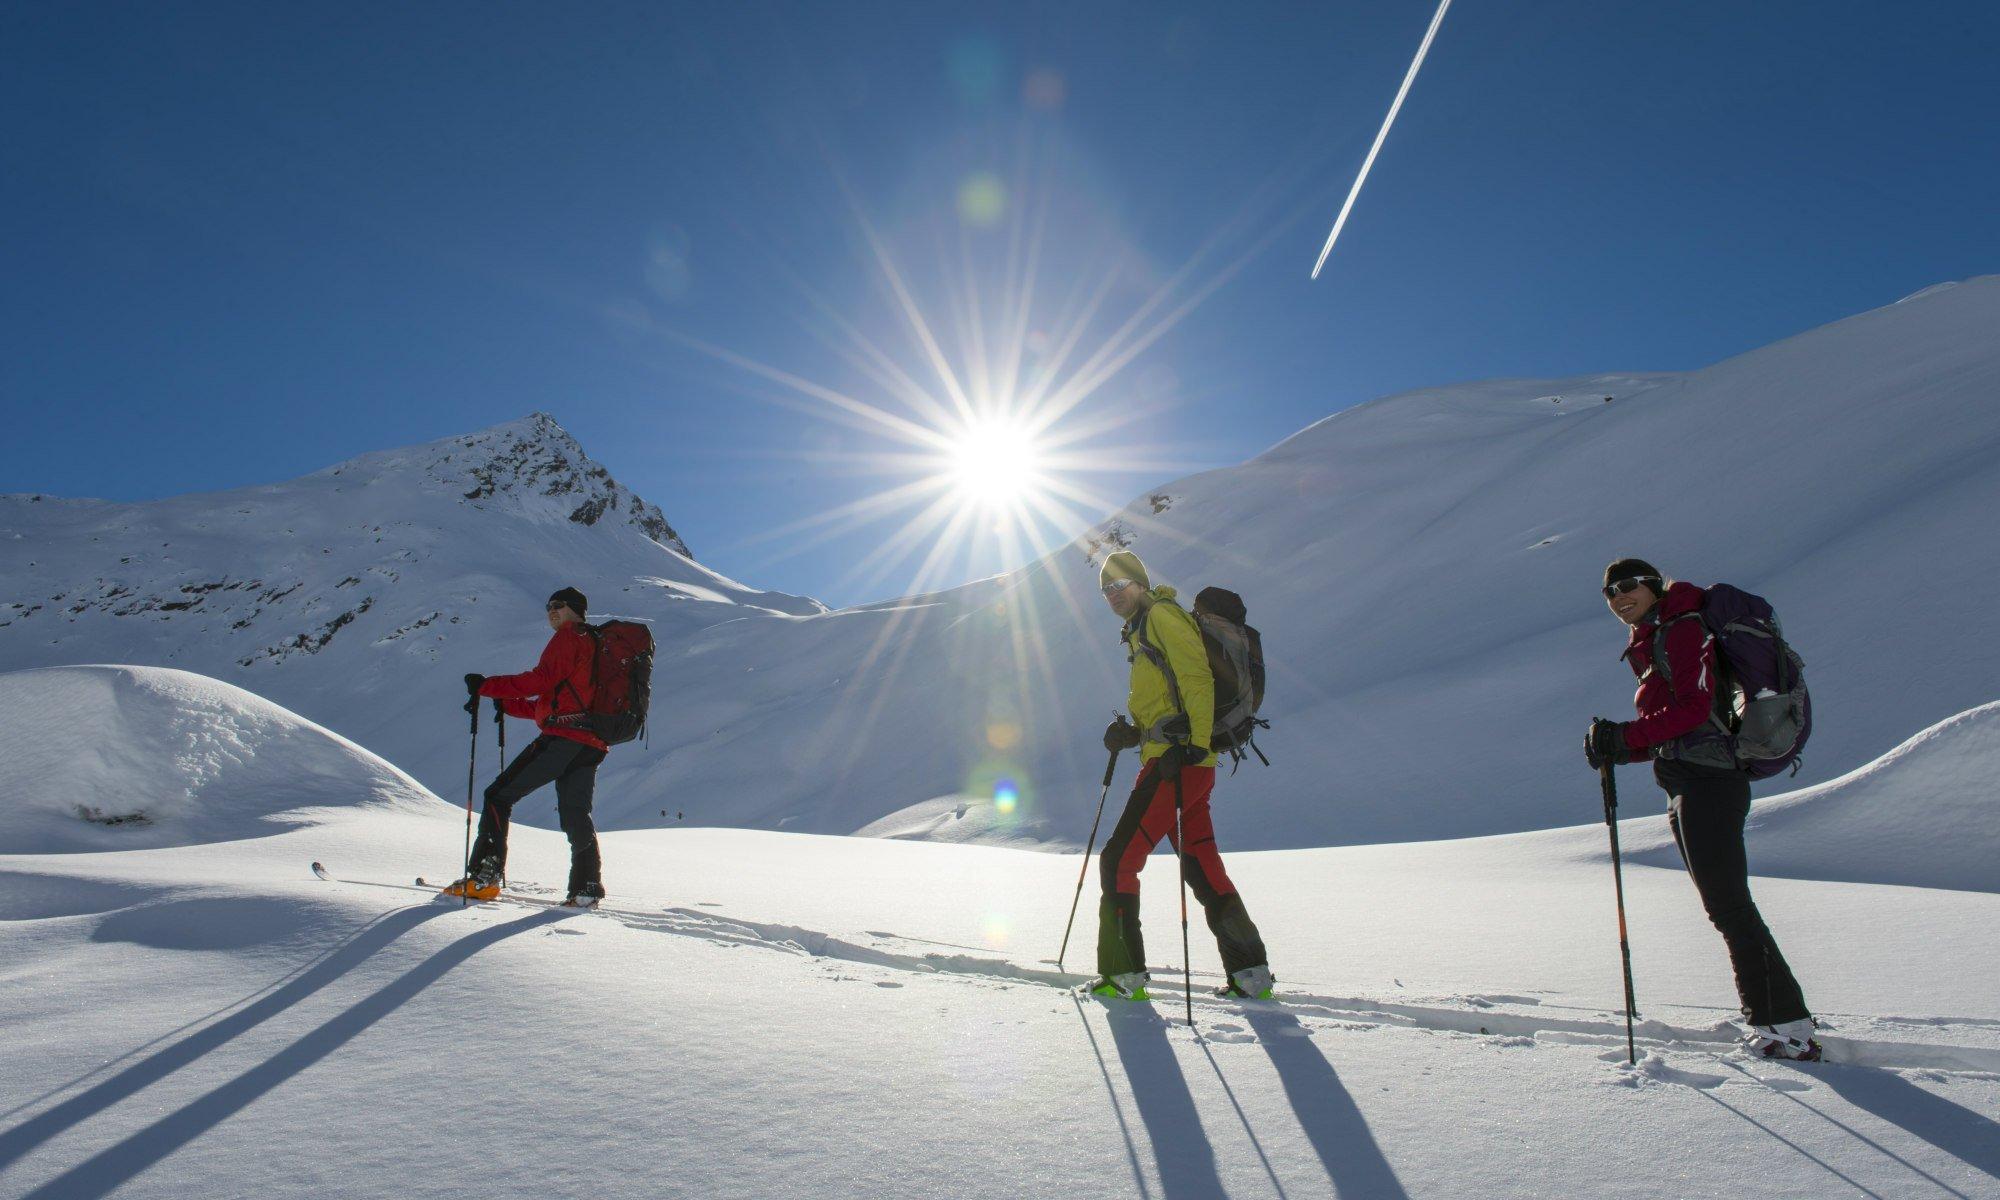 3 Personen bei einer Skitour durch die verschneite Berglandschaft.